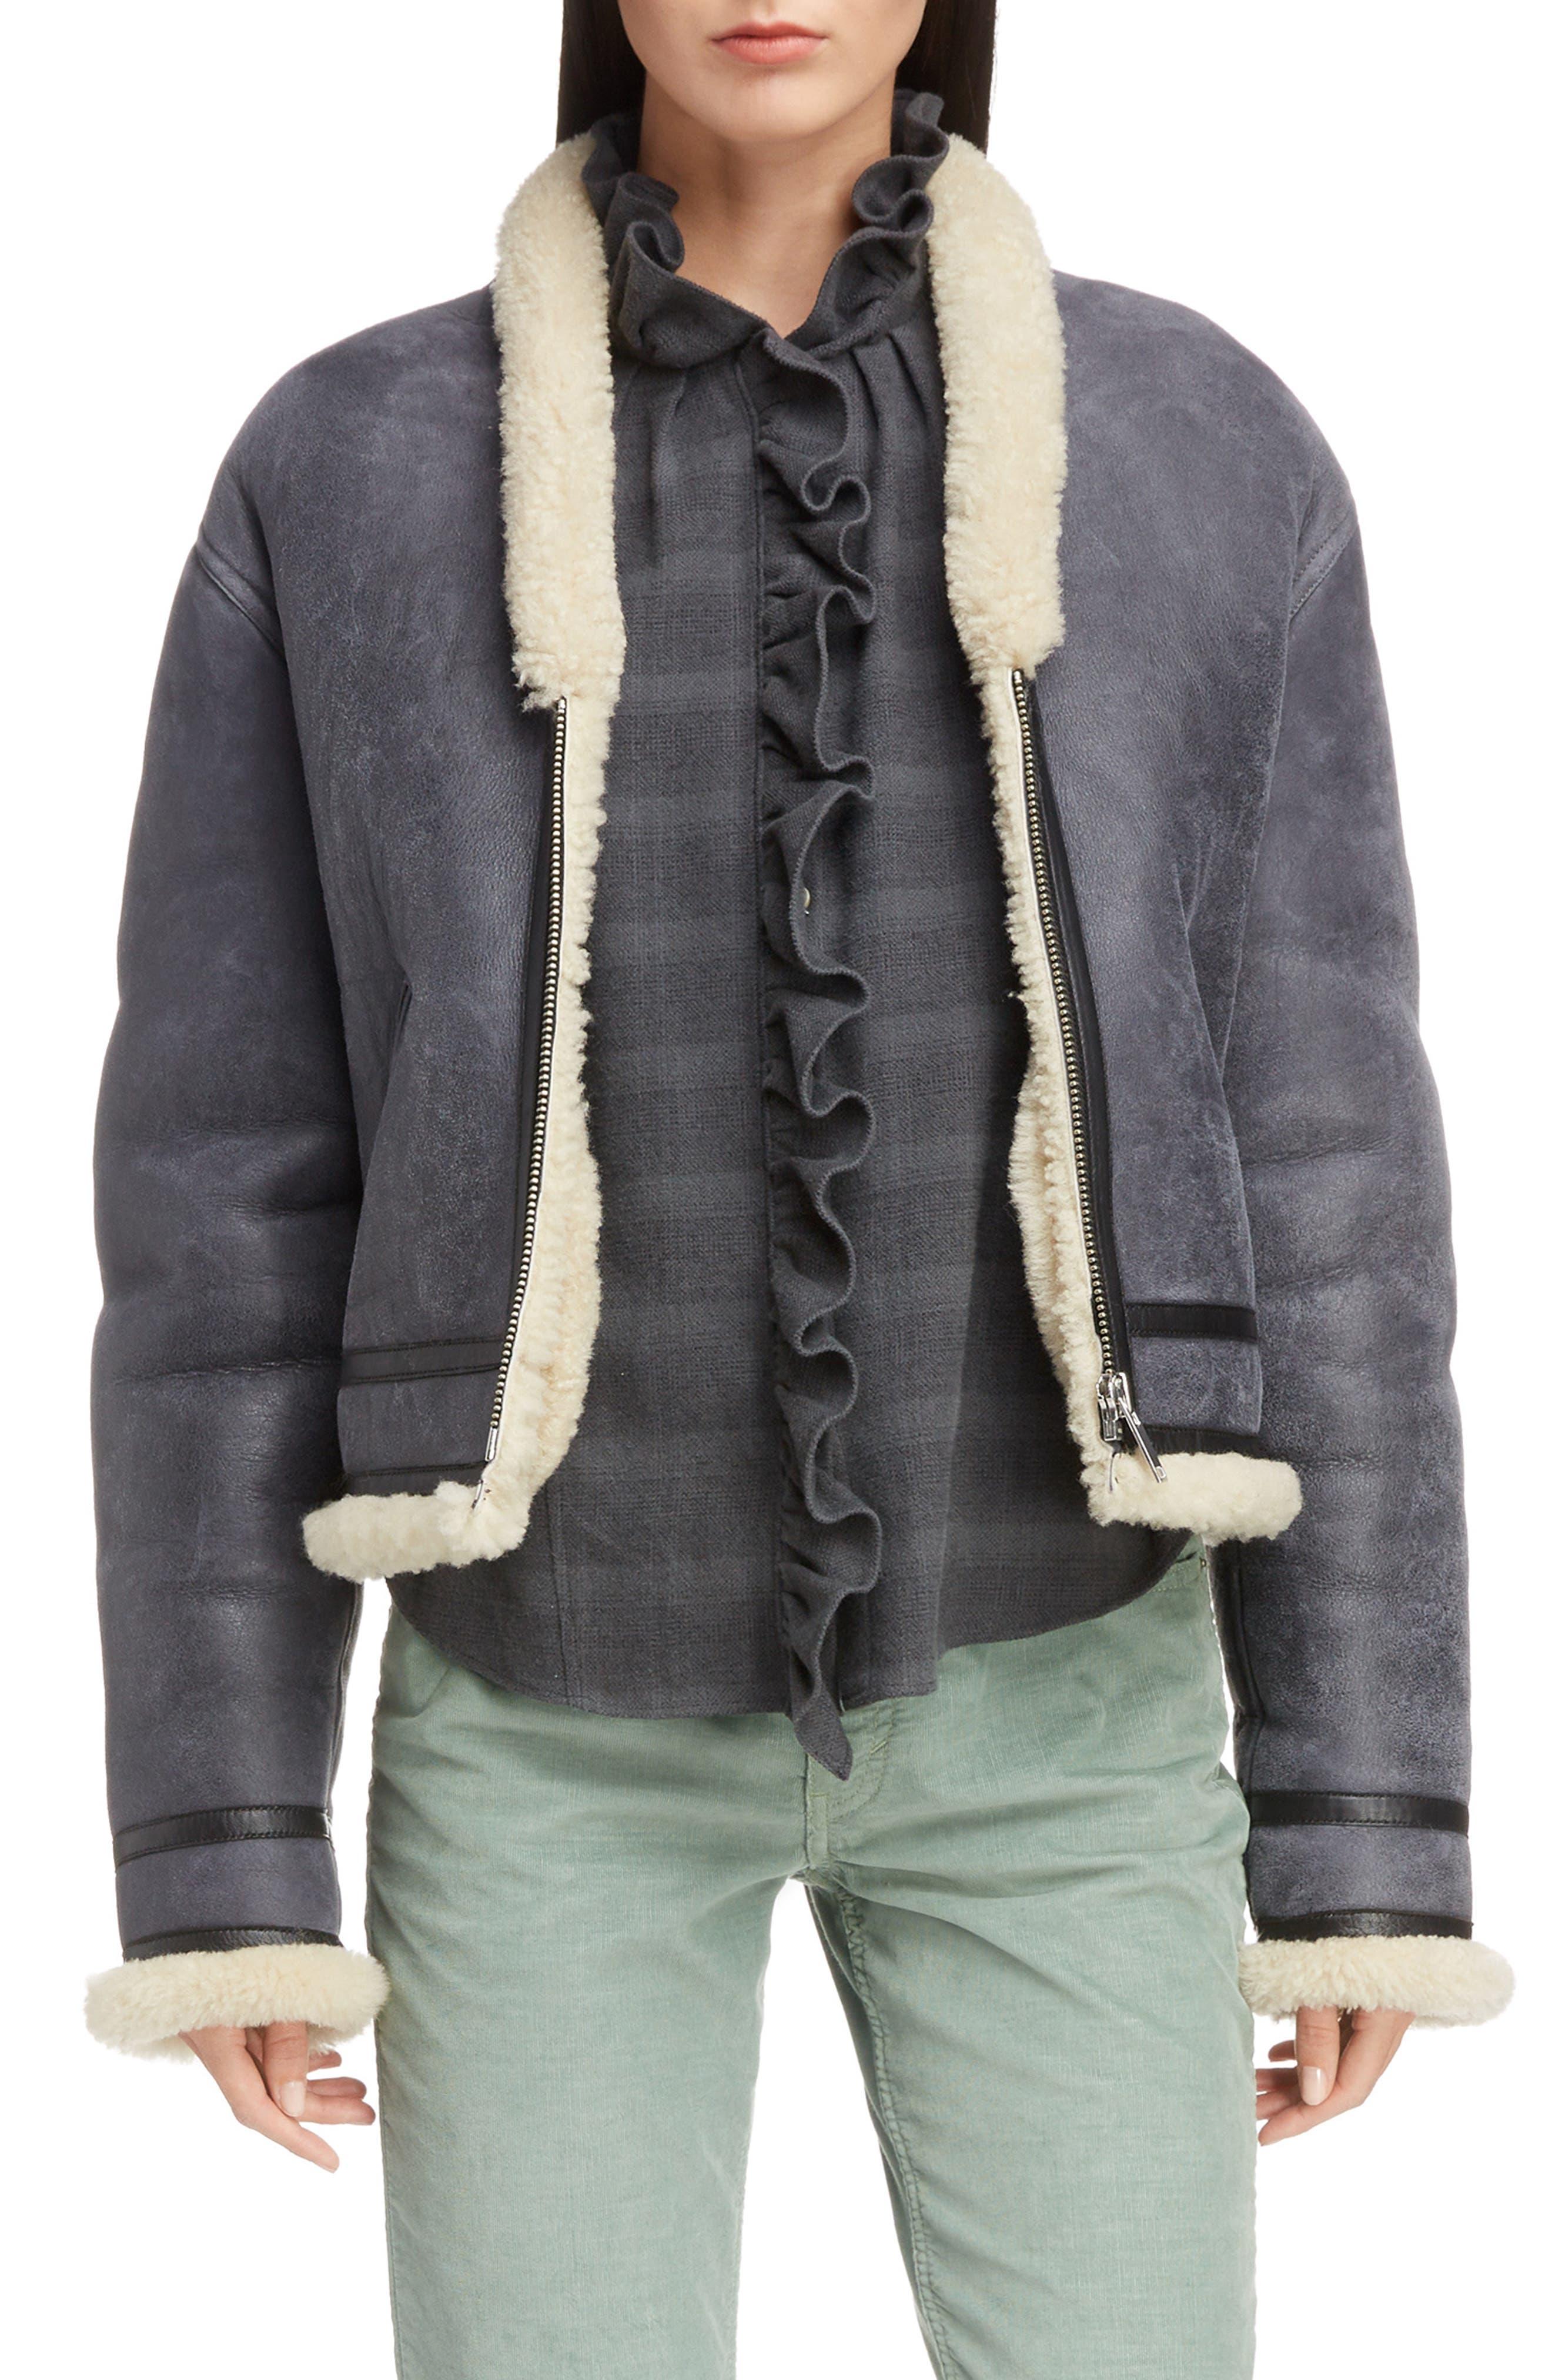 Isabel Marant Etoile Addy Genuine Shearling Jacket, 6 FR - Grey